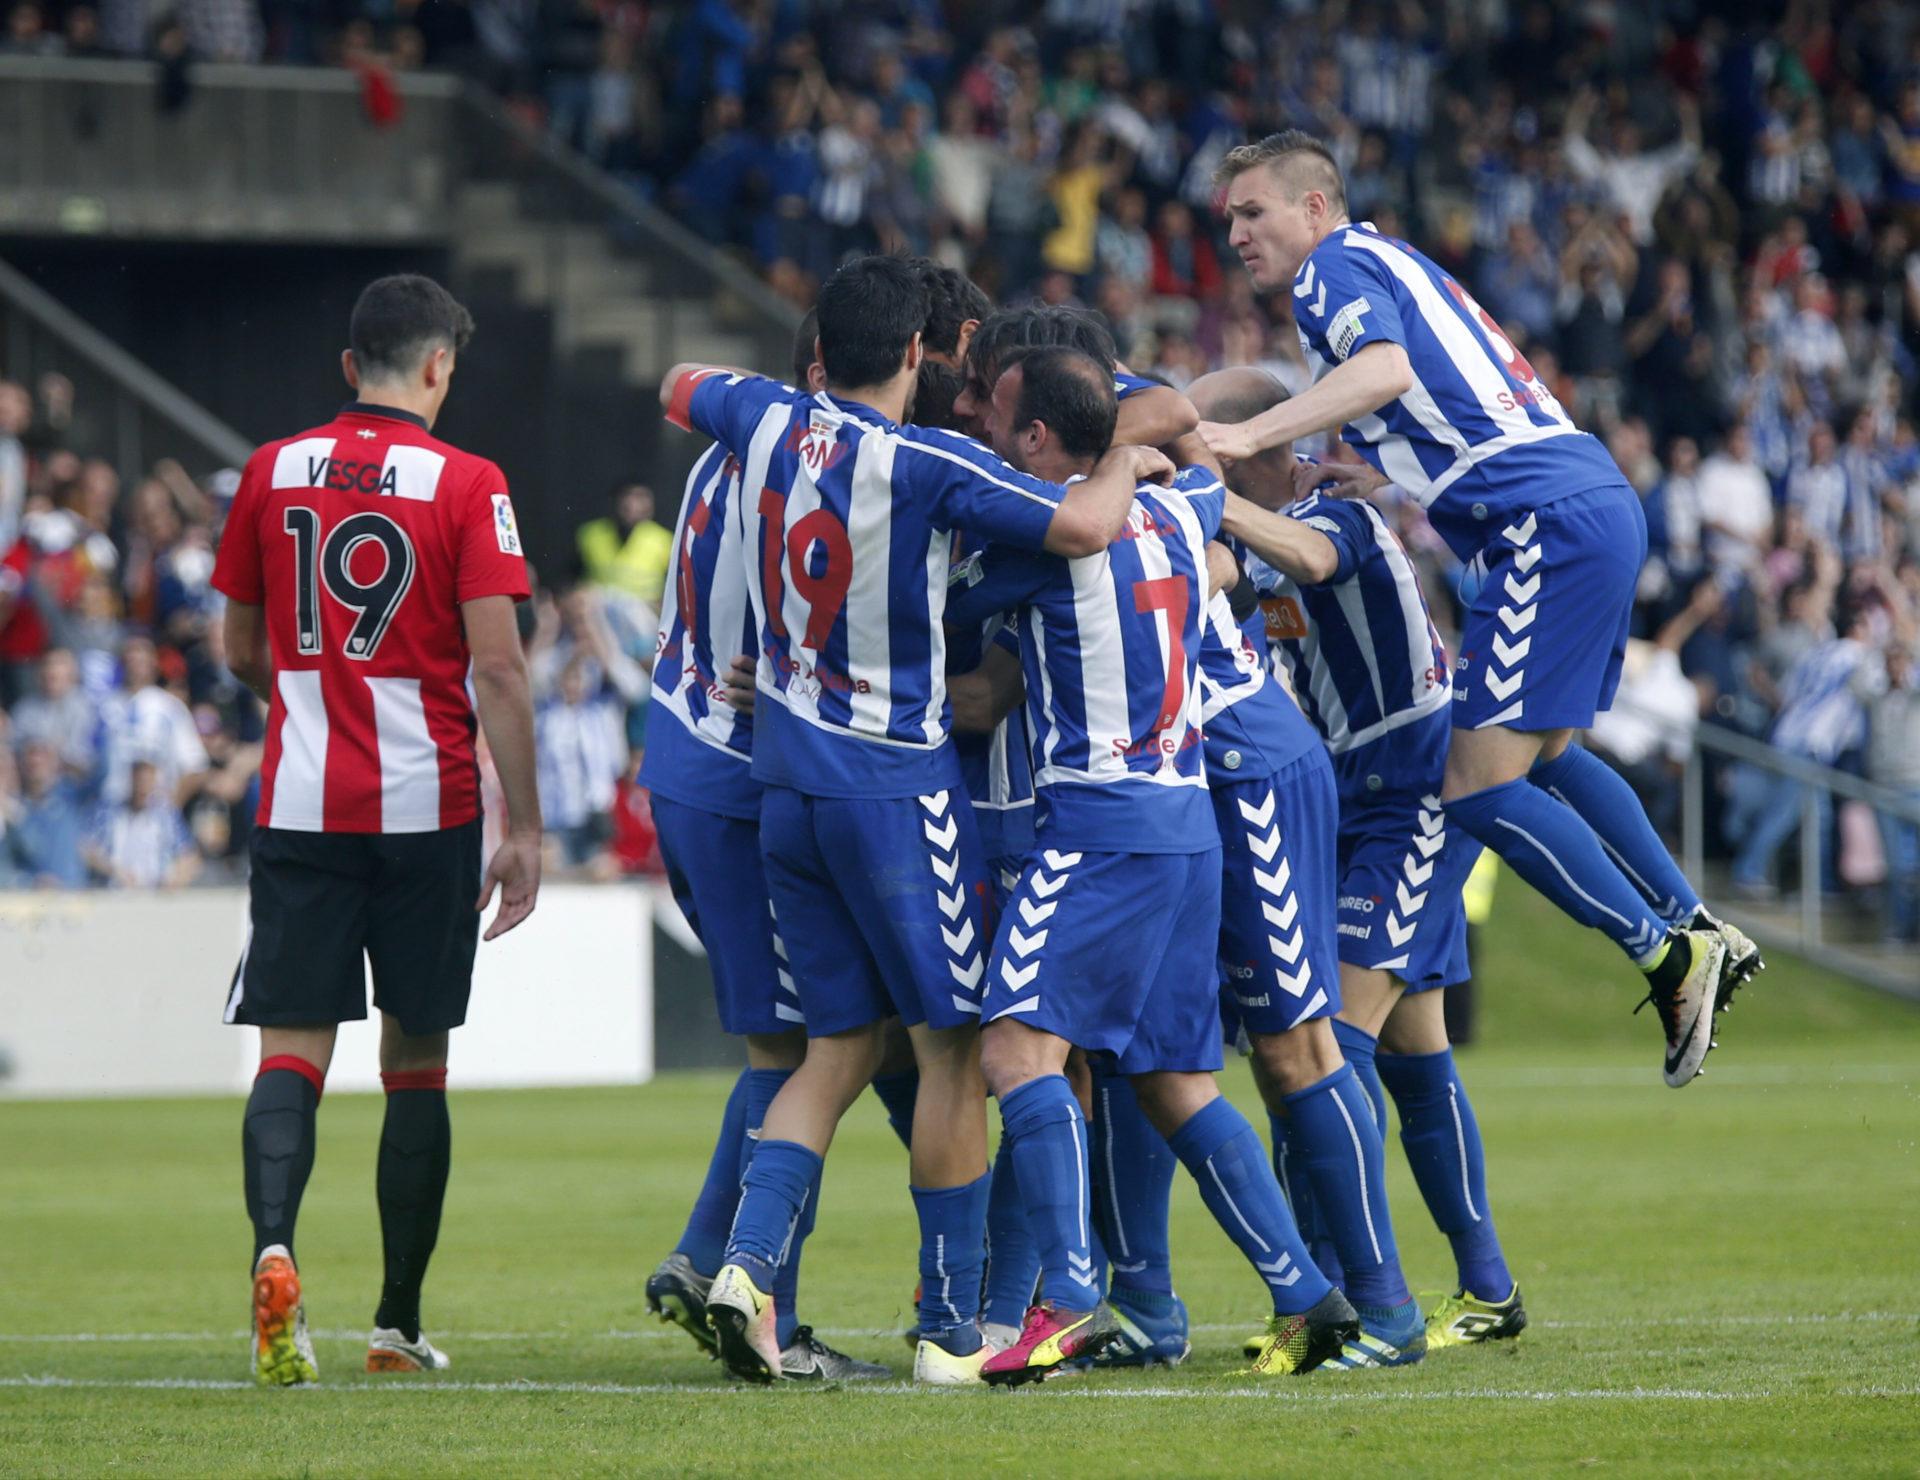 El Alavés, nuevo equipo de la Liga BBVA | Foto: EFE